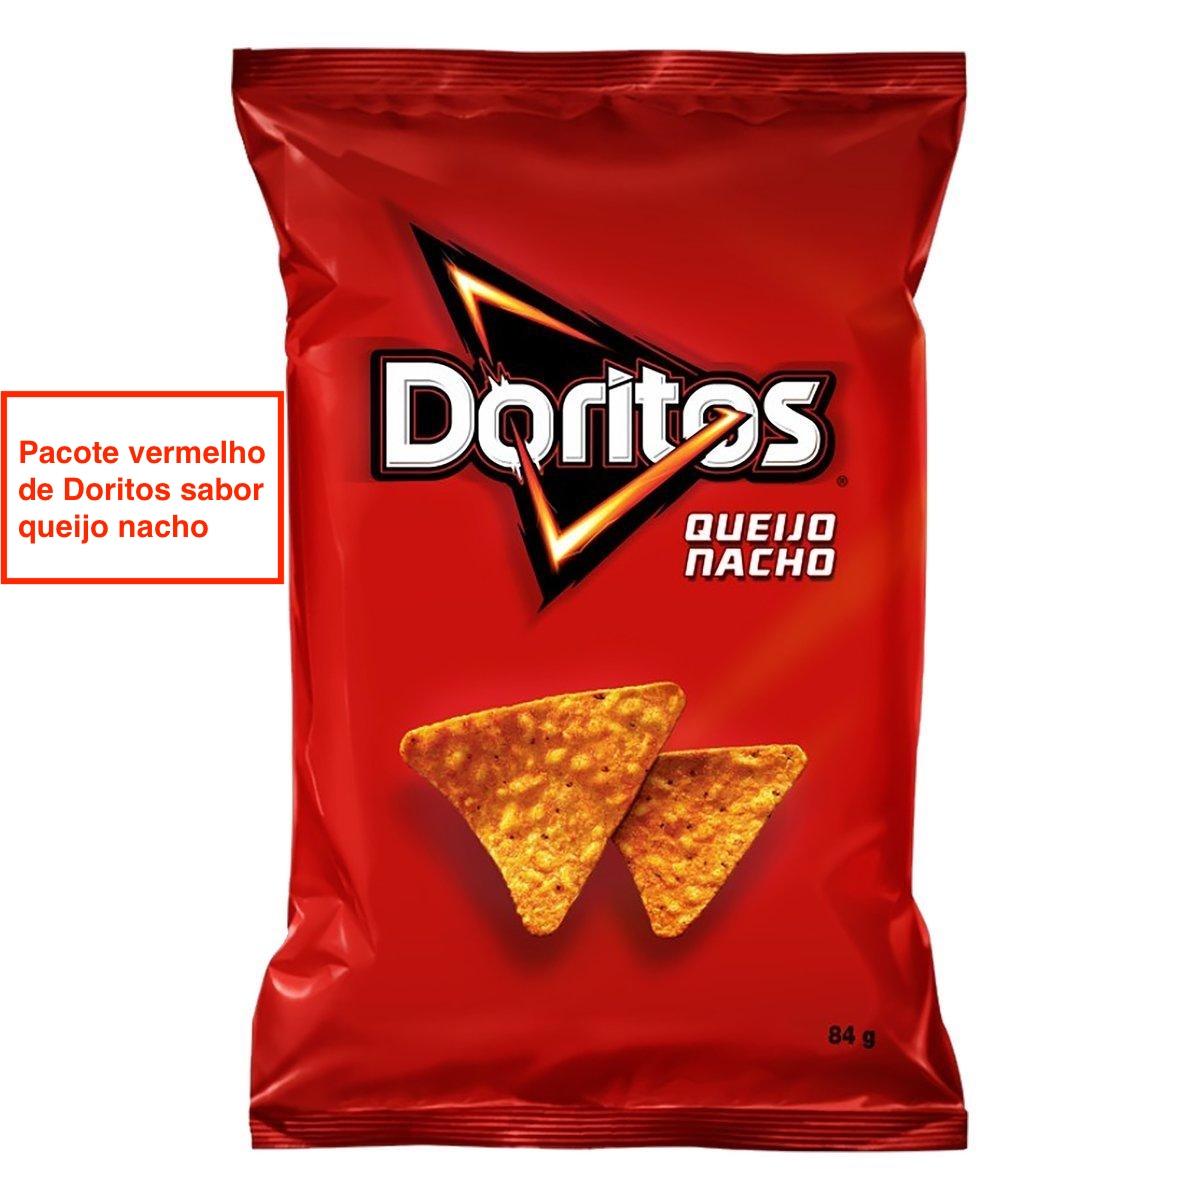 pacote vermelho de doritos sabor queijo nacho